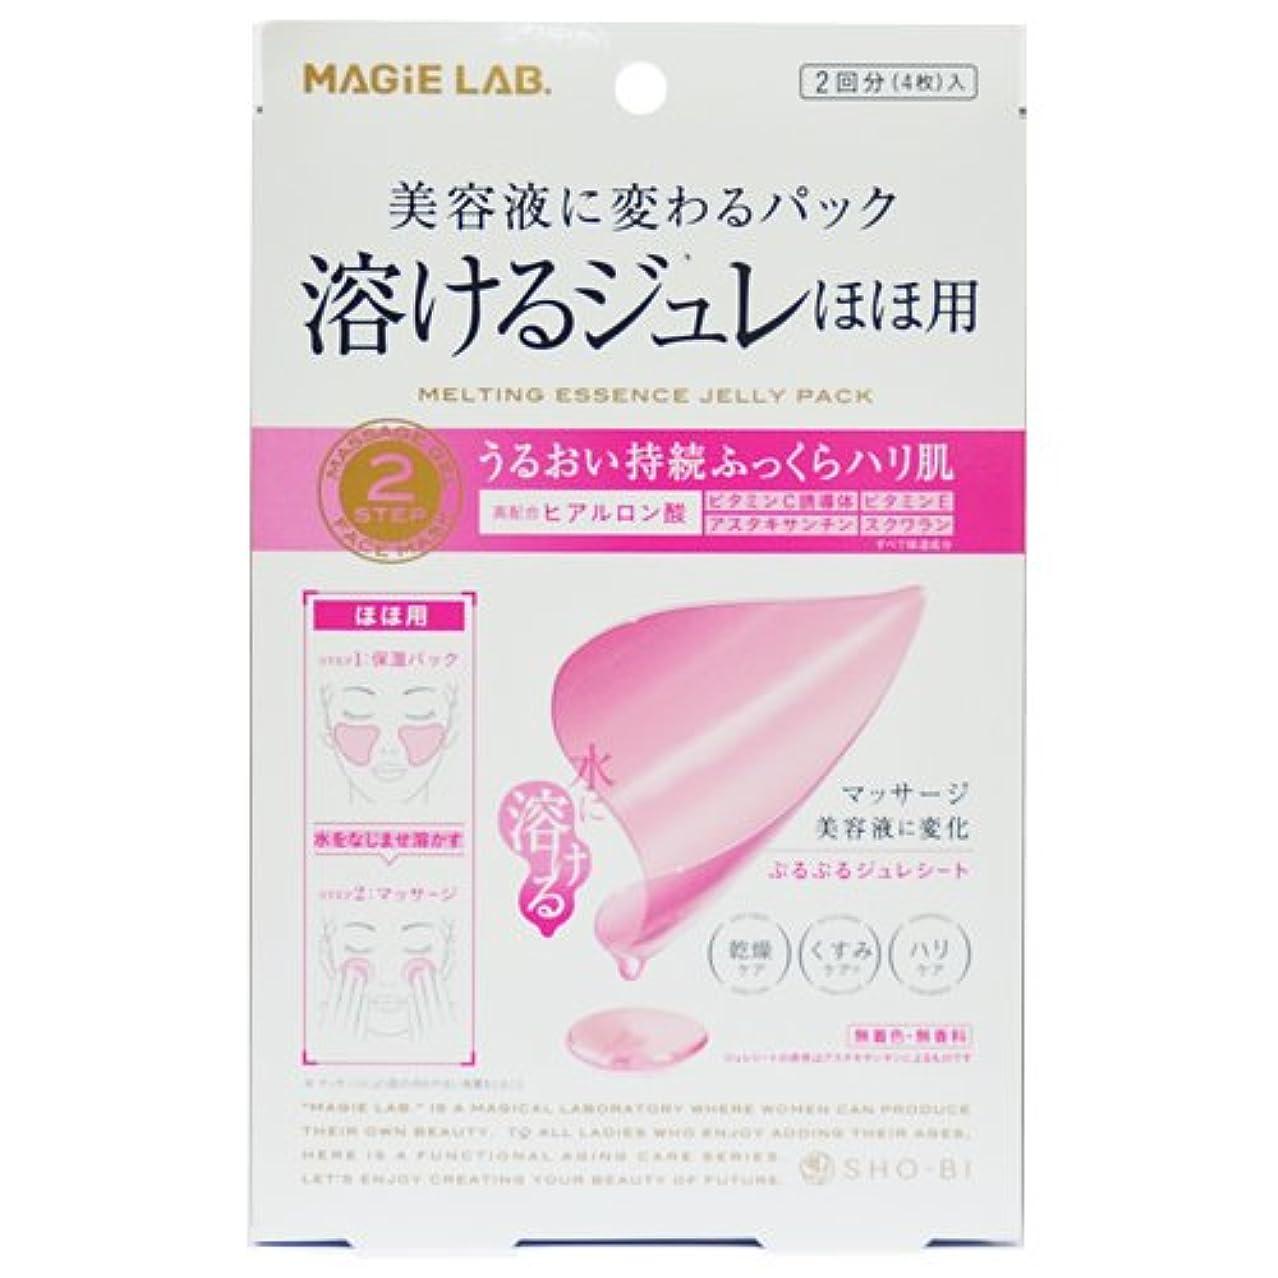 クラシックマチュピチュソーセージSHO-BI MAGiE LAB.(マジラボ) 溶けるジュレほほ用 2回分(4枚)入 MG22102